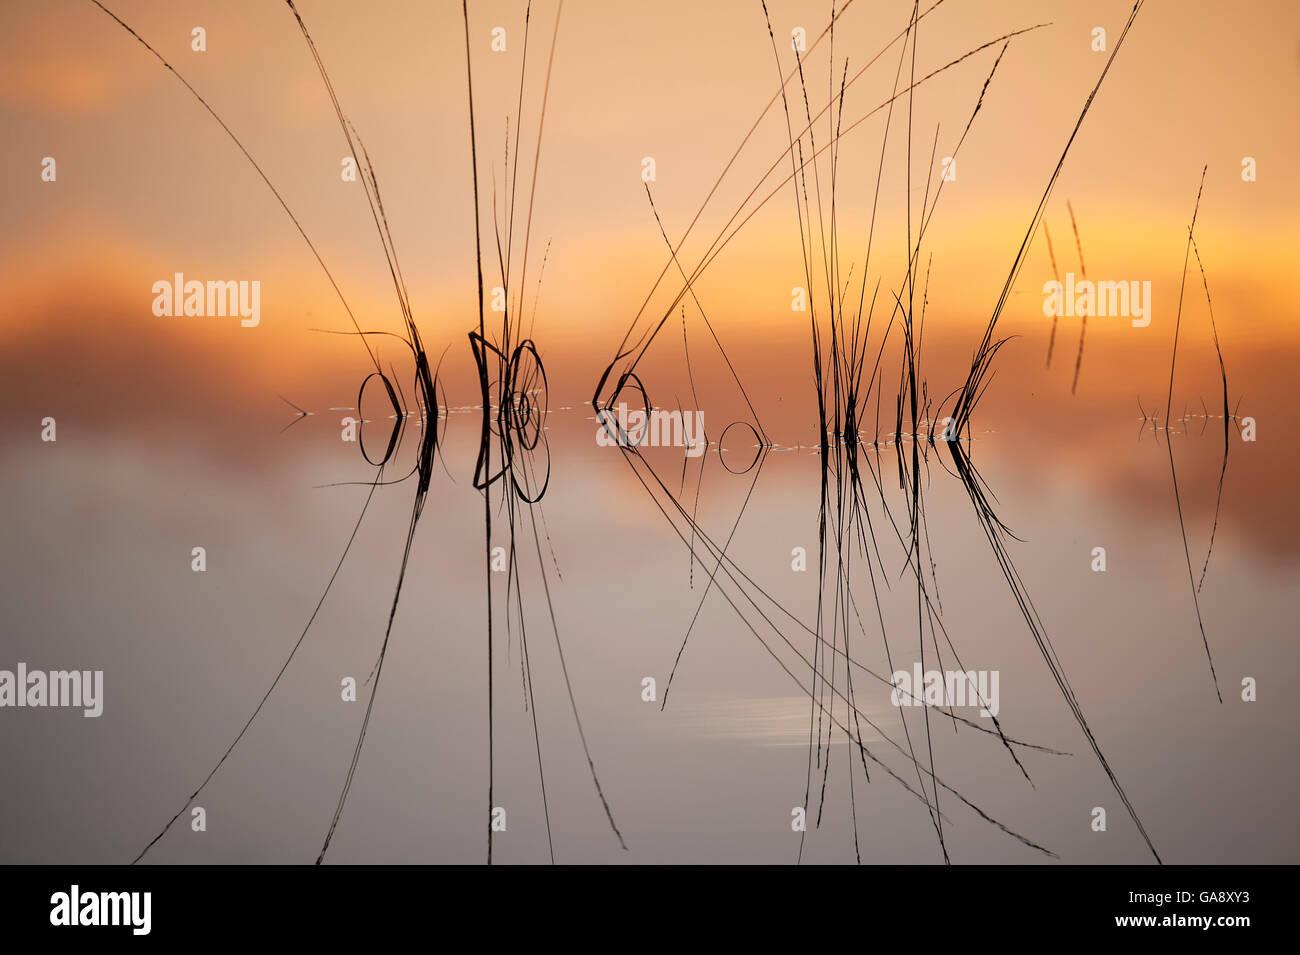 La riflessione in fen sulla superficie dell'acqua, Klein Schietveld, Brasschaat, Belgio, Novembre. Immagini Stock